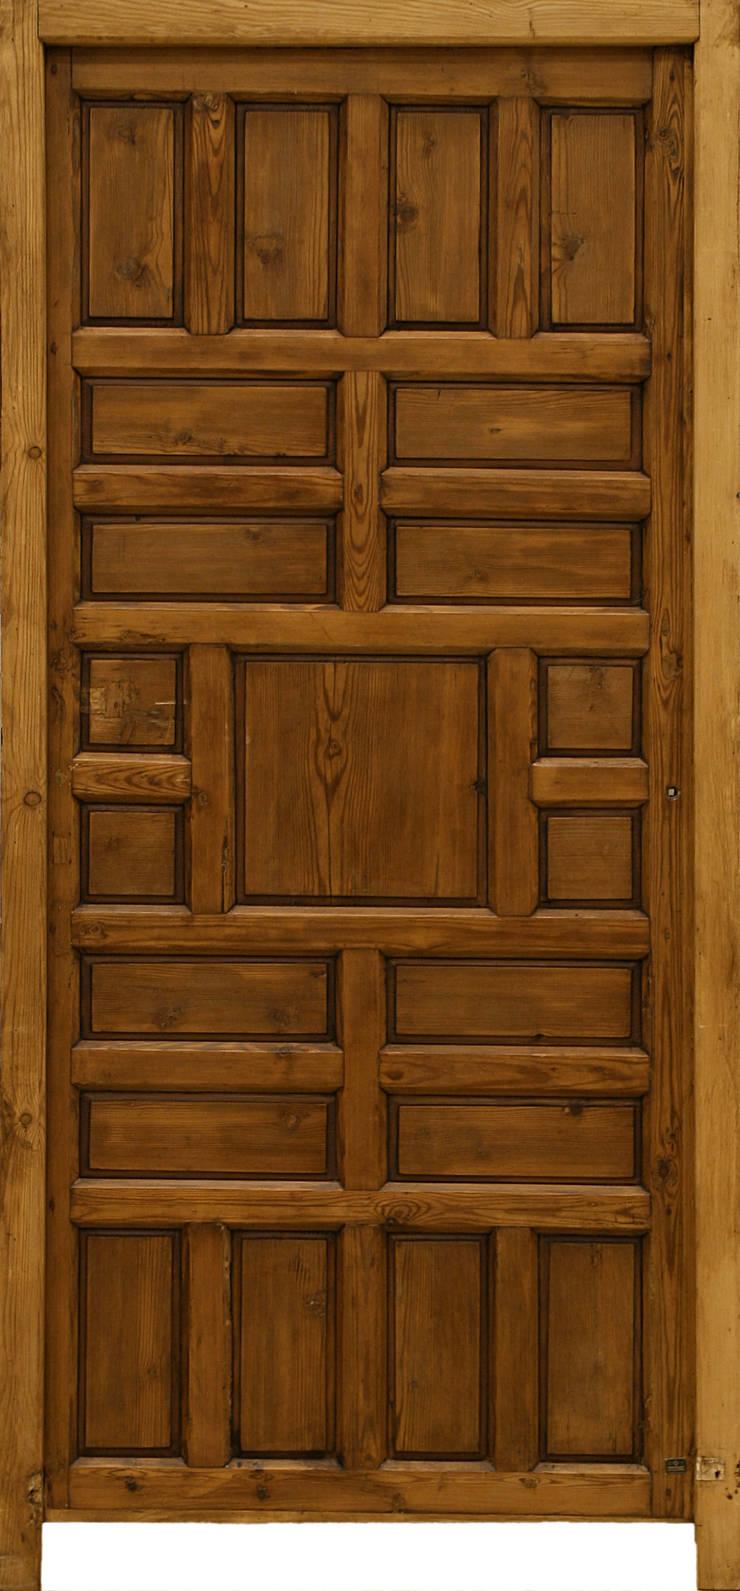 Puertas antiguas de conely homify for Puertas de cuarterones antiguas